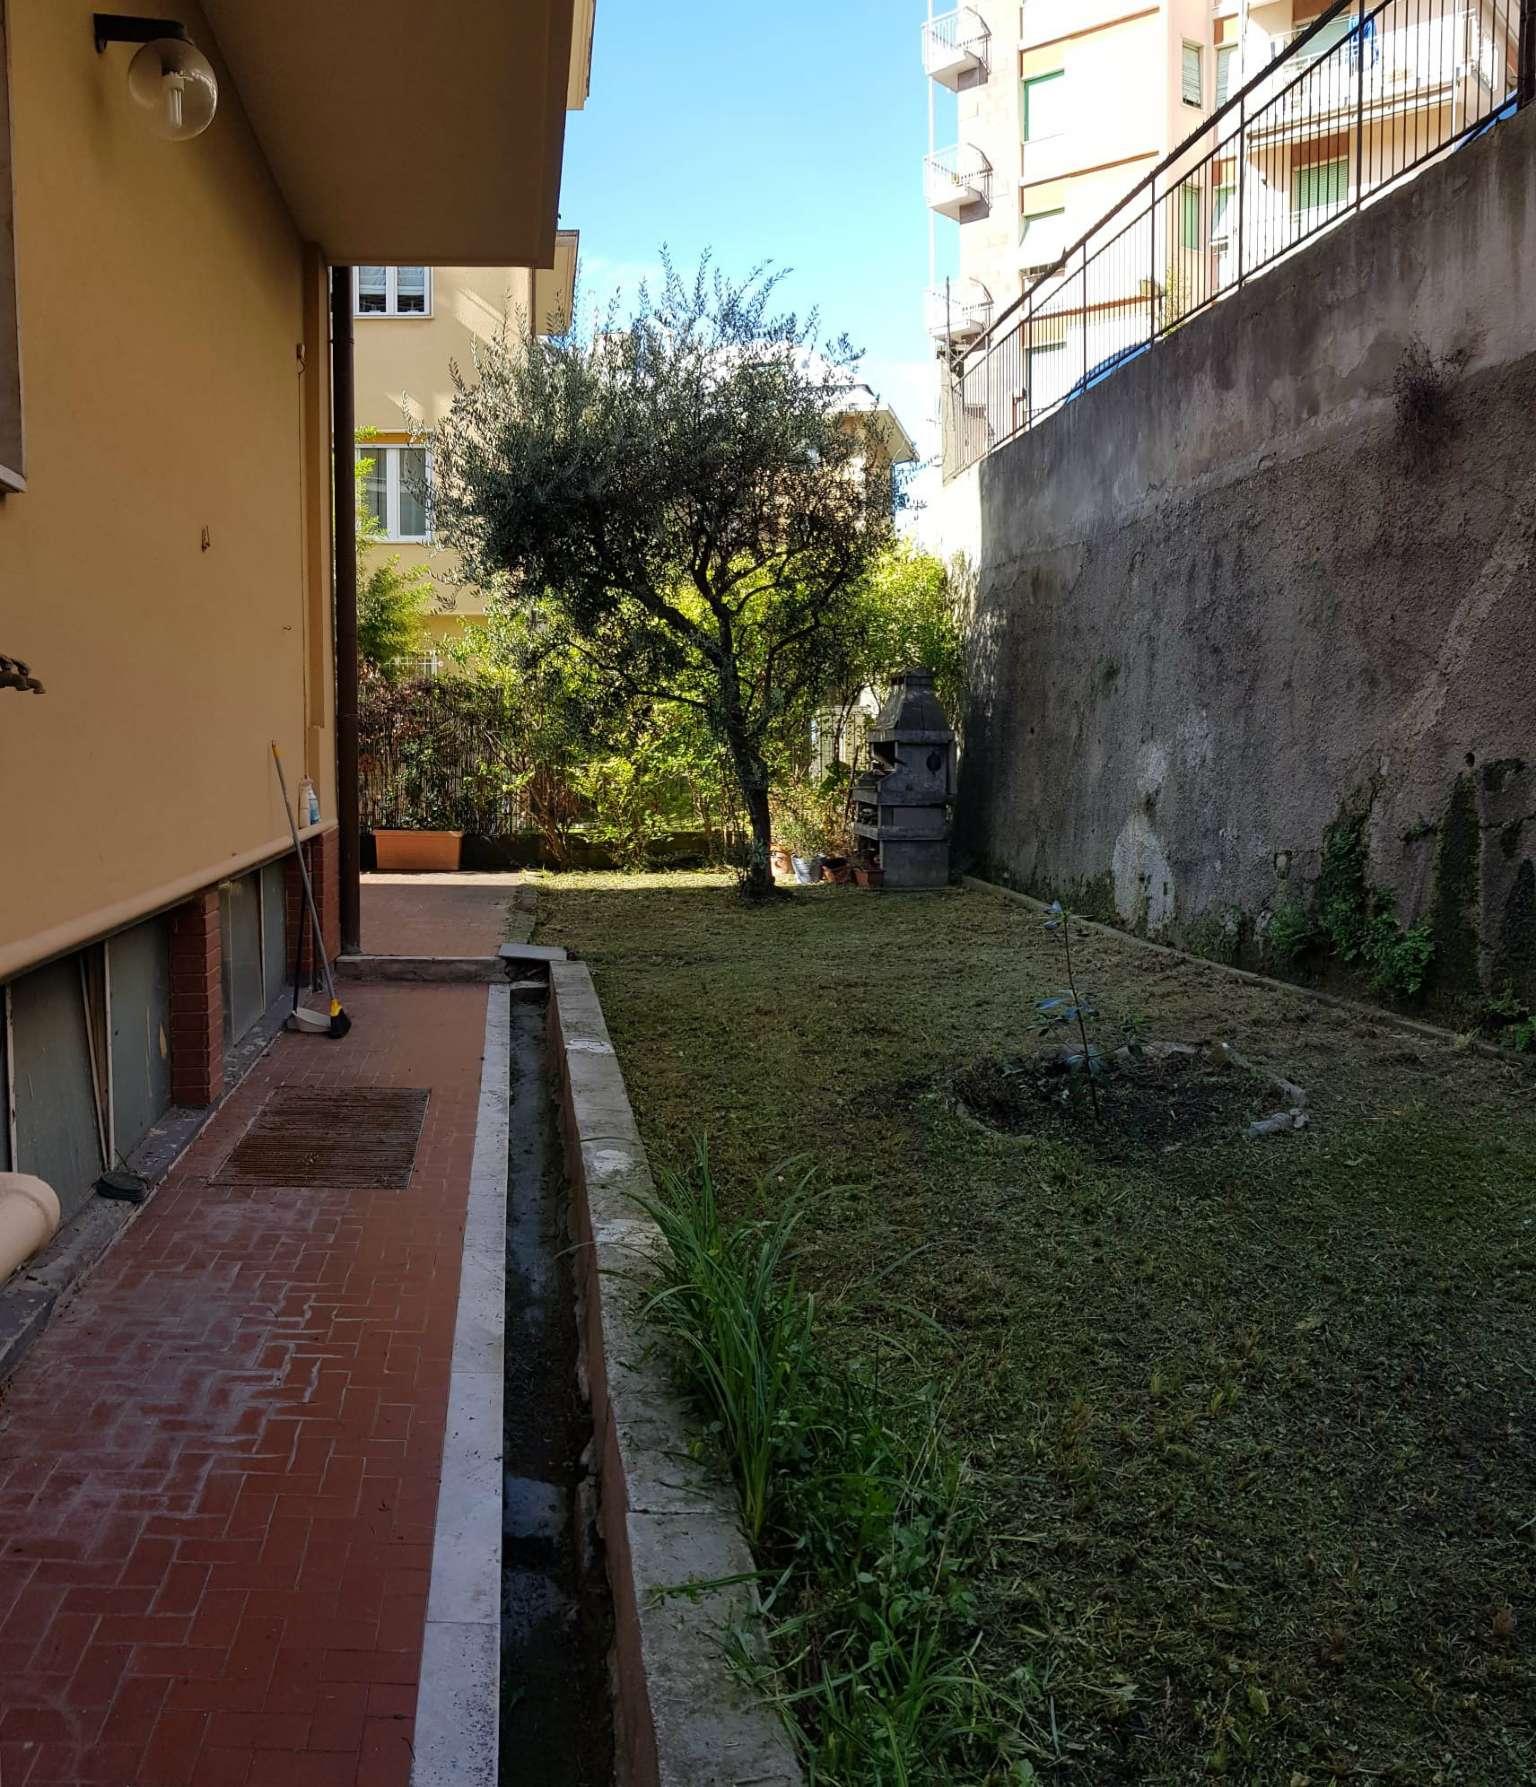 Appartamento in vendita a Genova, 6 locali, prezzo € 270.000 | PortaleAgenzieImmobiliari.it